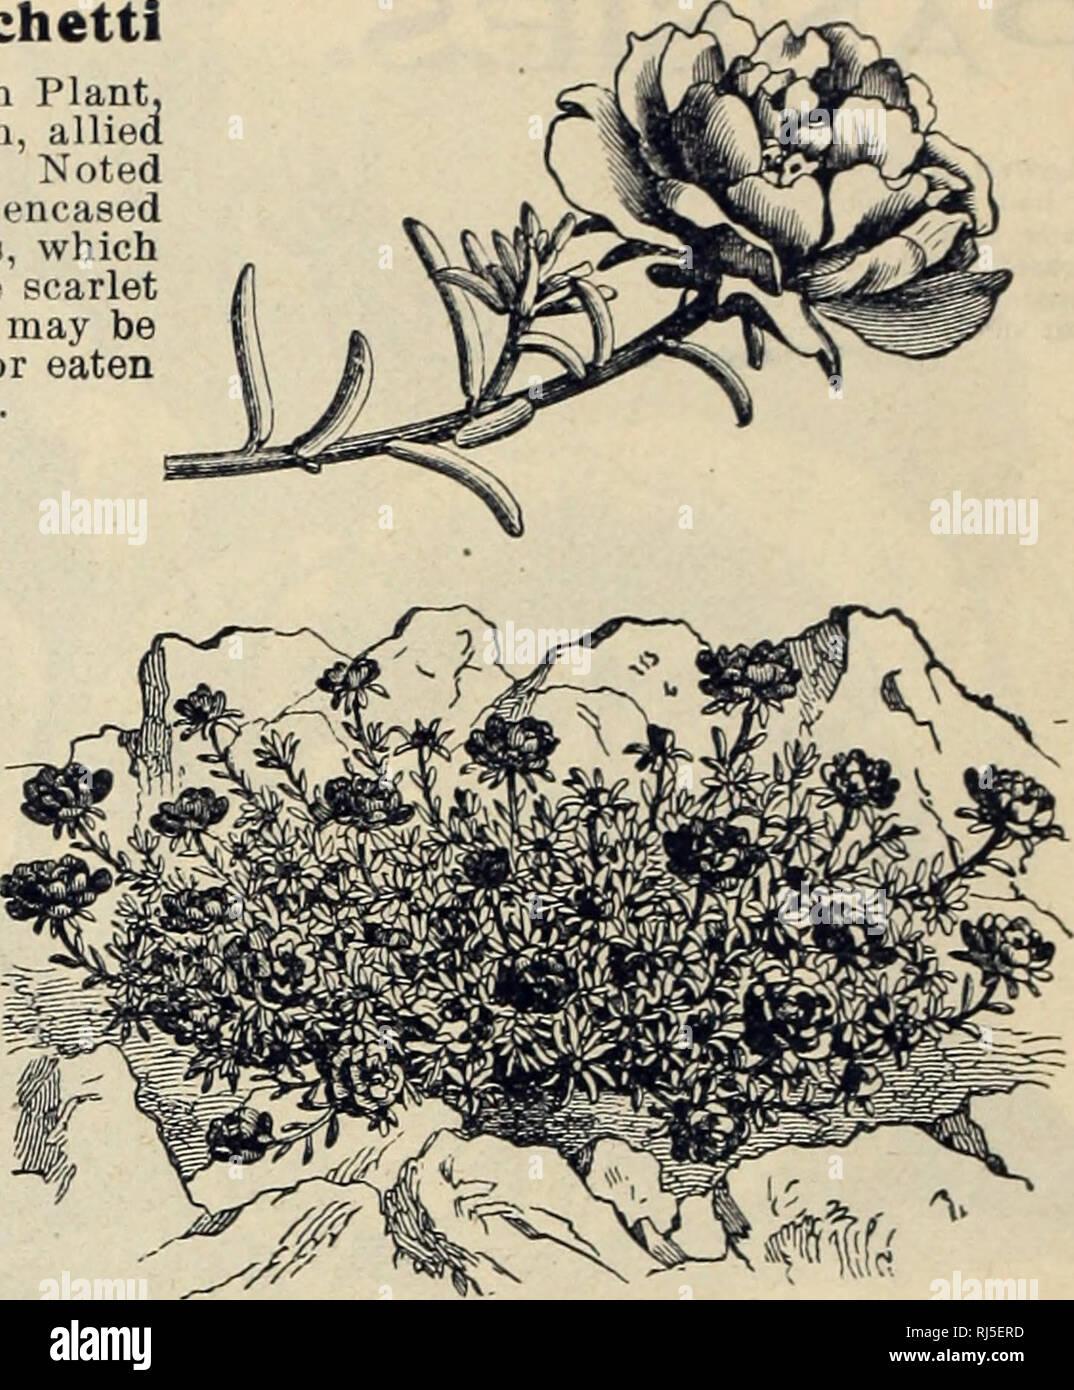 744fcf426 Los catálogos de semillas de flores  semillas  catálogos Catálogos de  semillas de ...